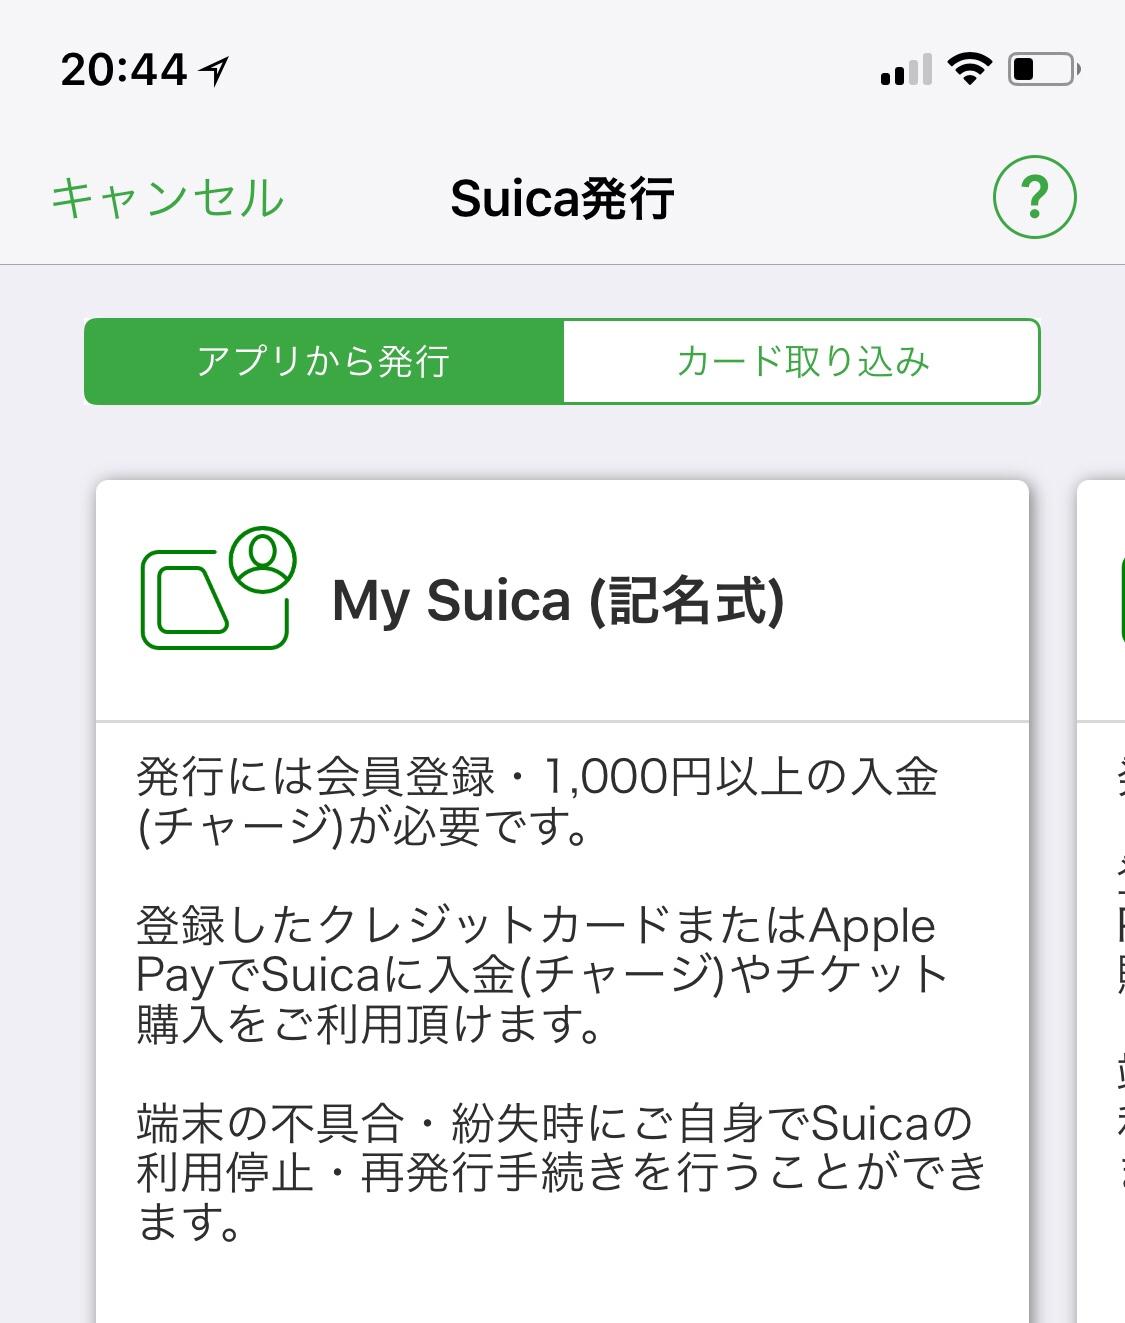 通常の記名式Suicaか。定期券を選べます。